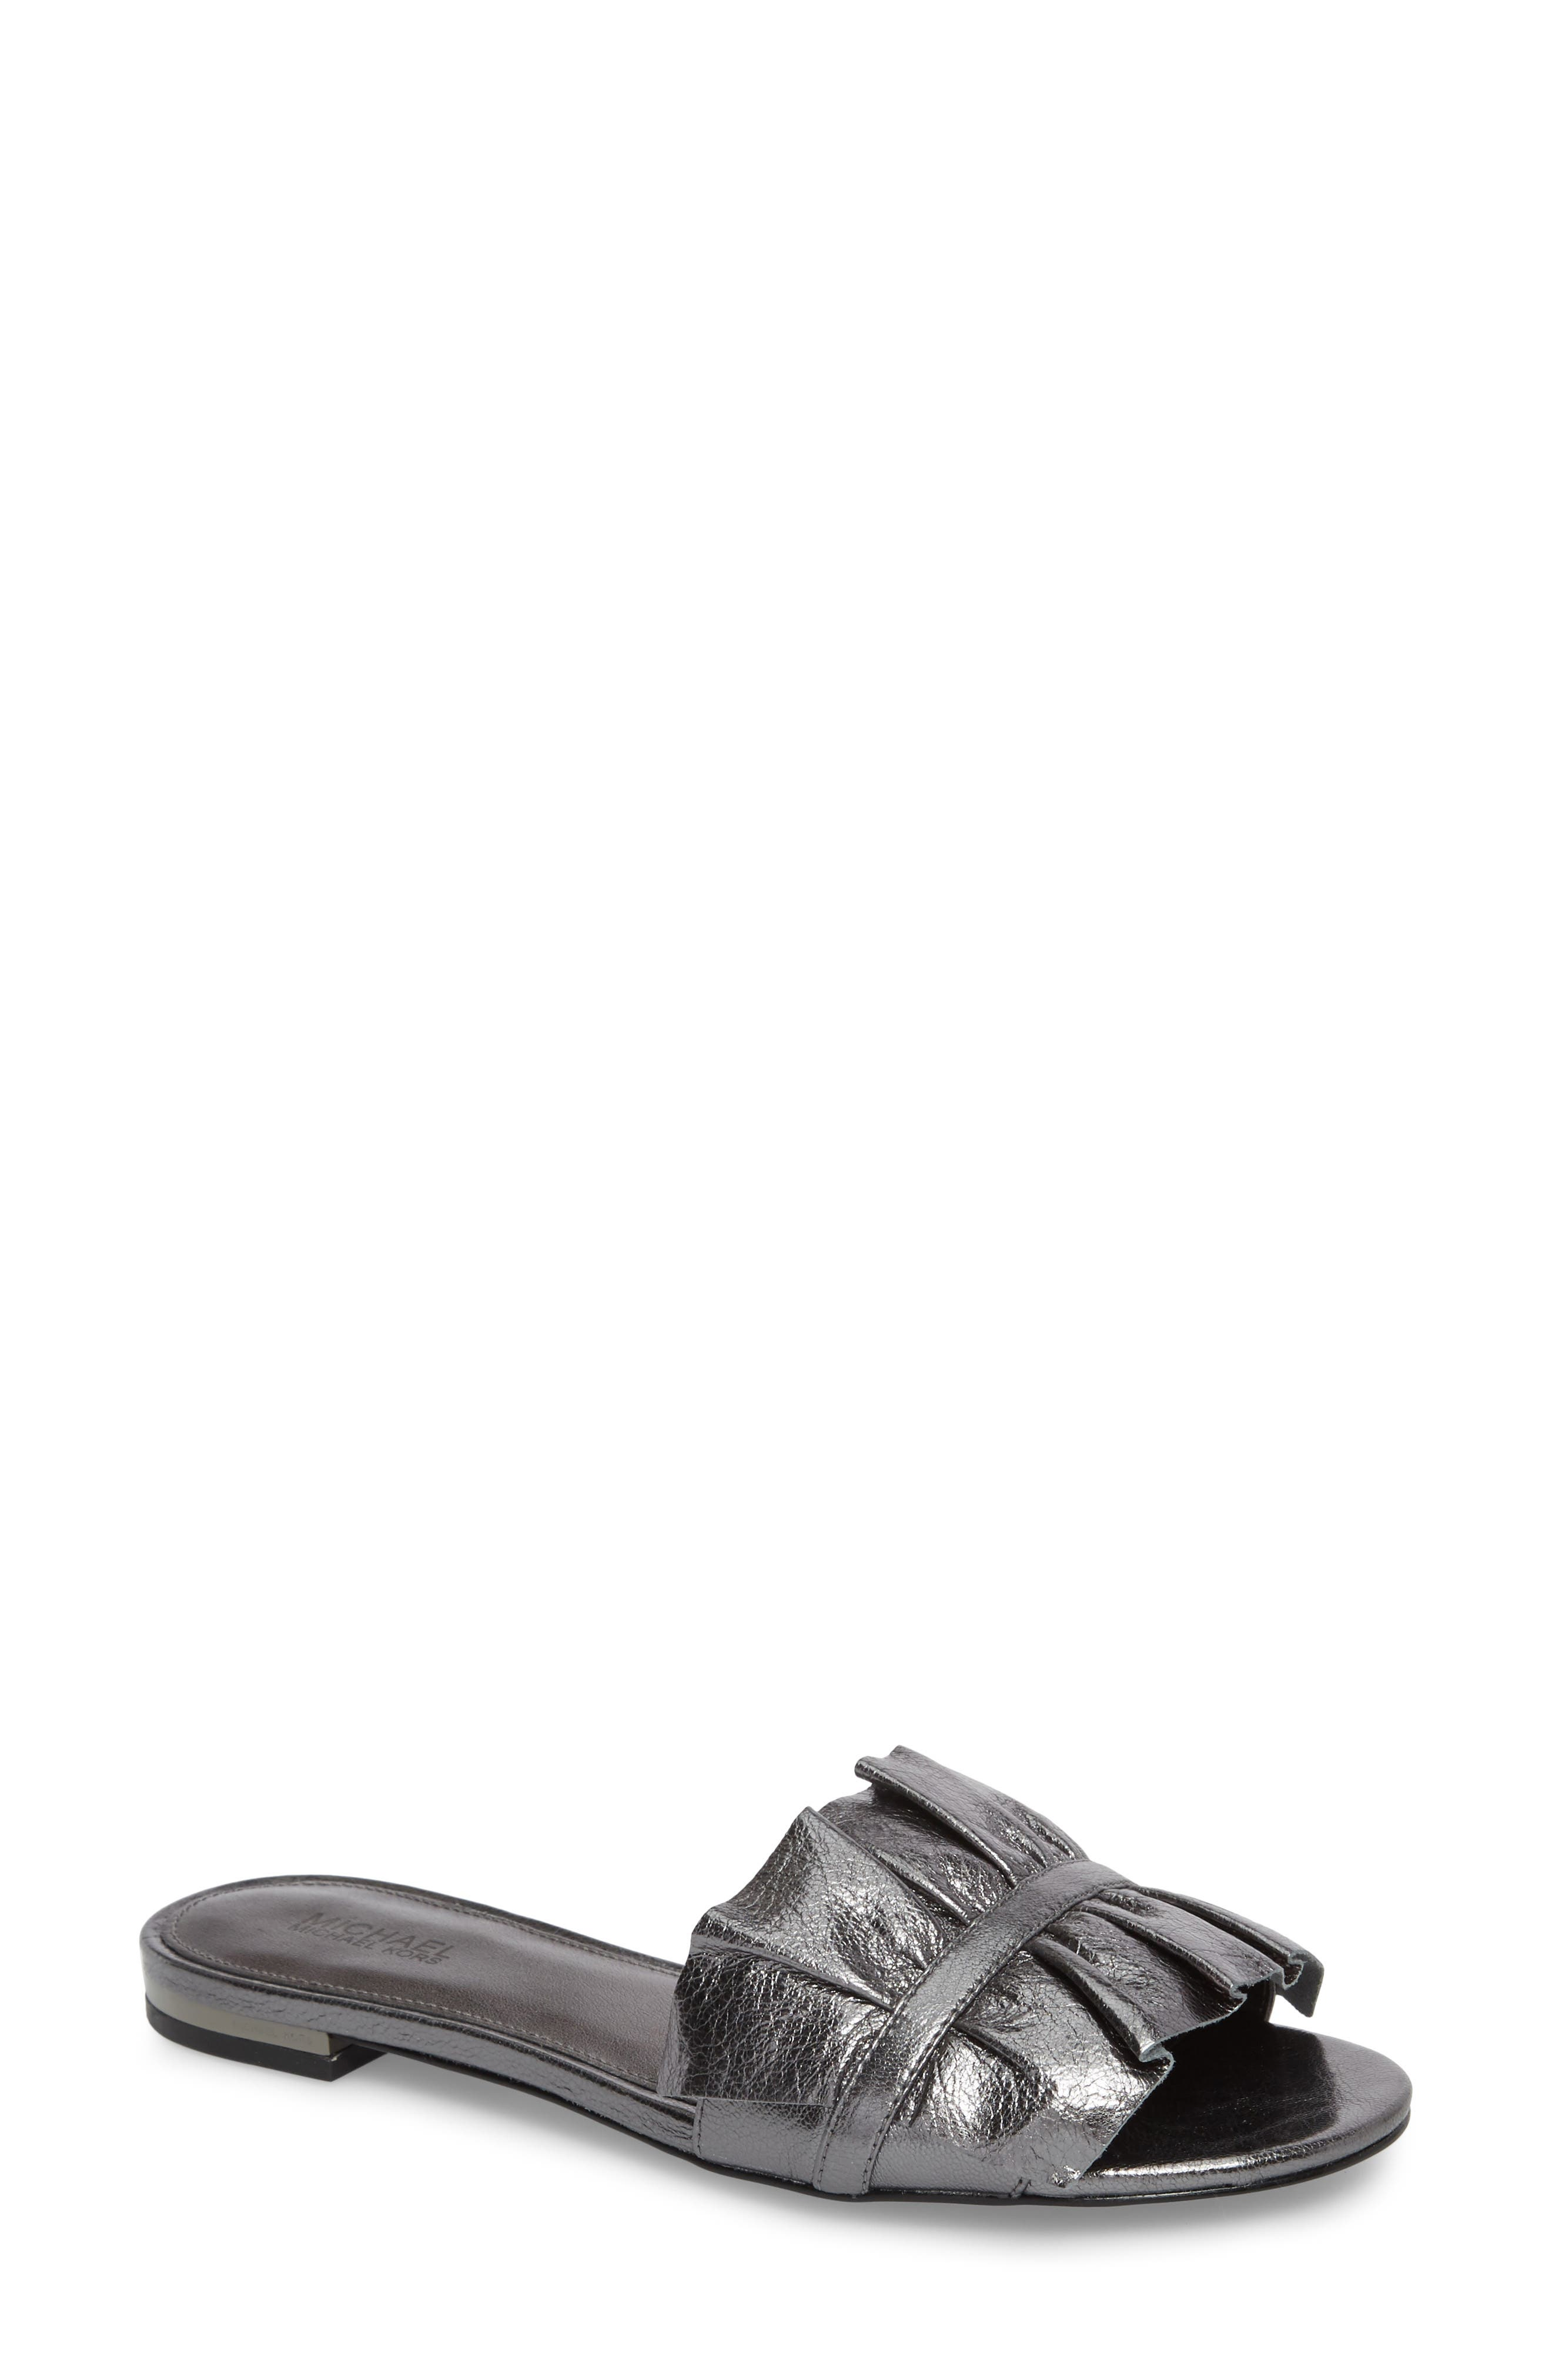 Bella Ruffle Slide Sandal,                         Main,                         color, 041